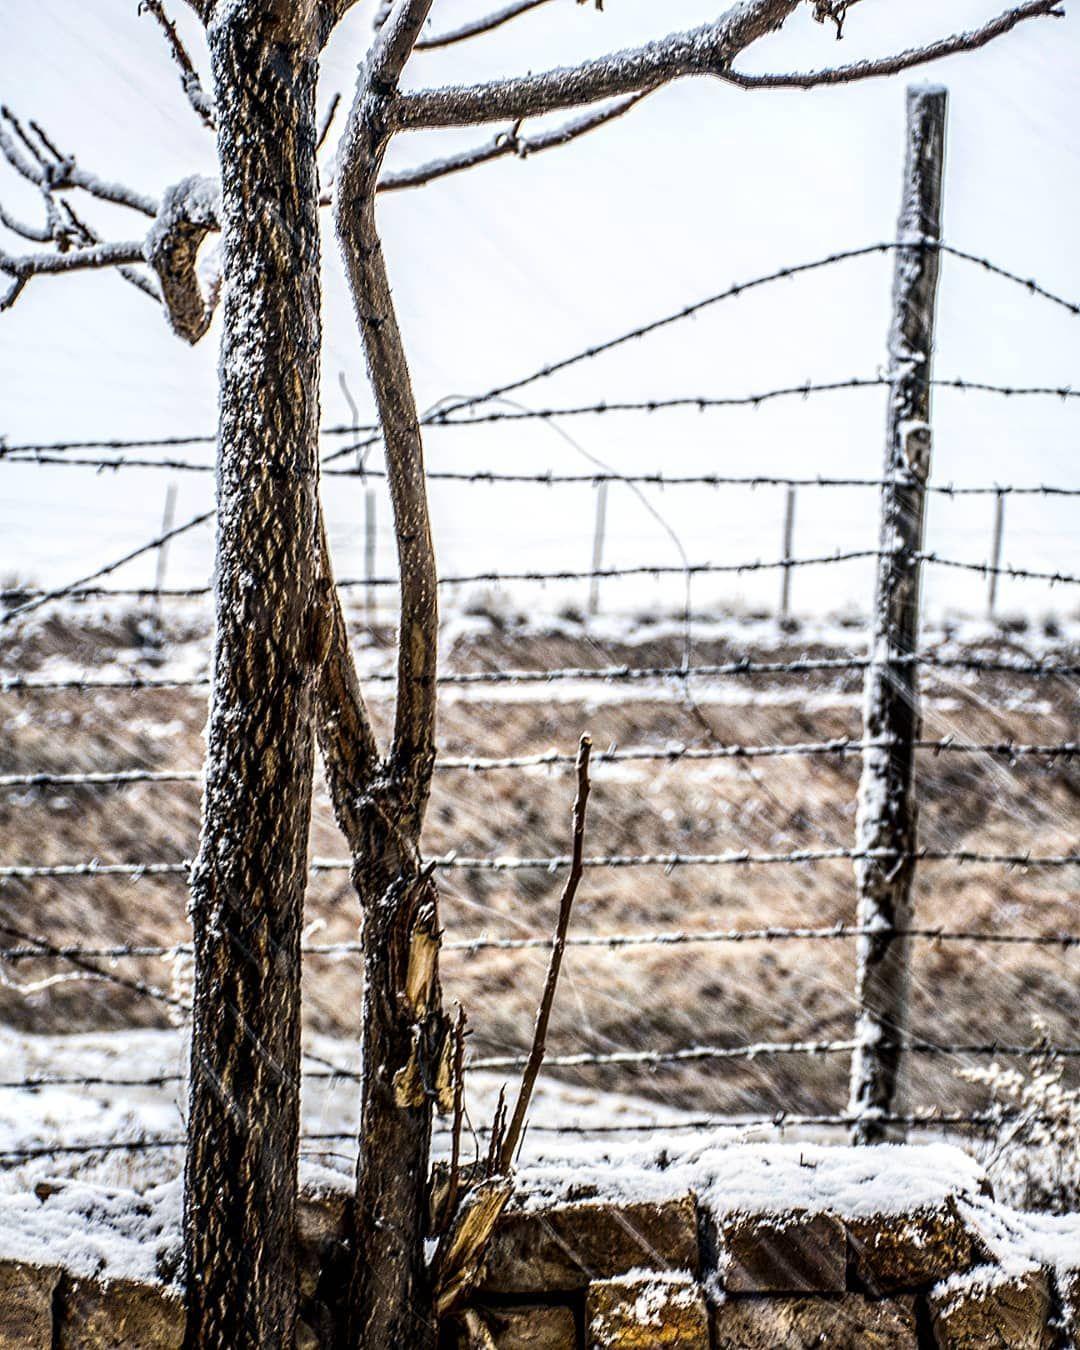 حال سرمای زمستان را بچشیم در خش خش نشنیده ی پاییز. | Instagram ...